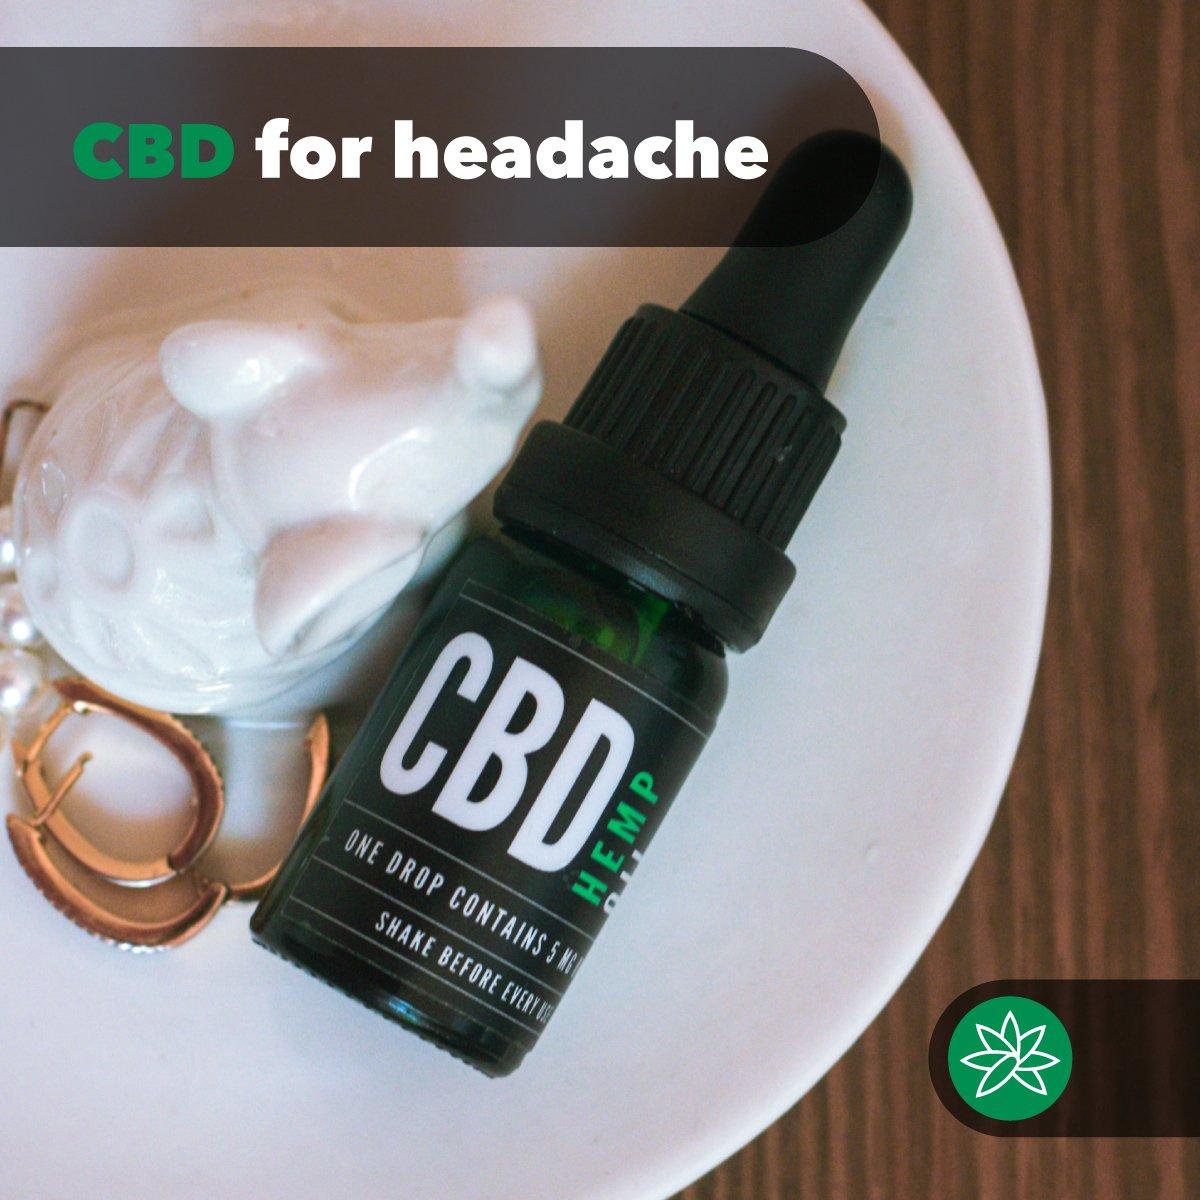 CBD for headaches